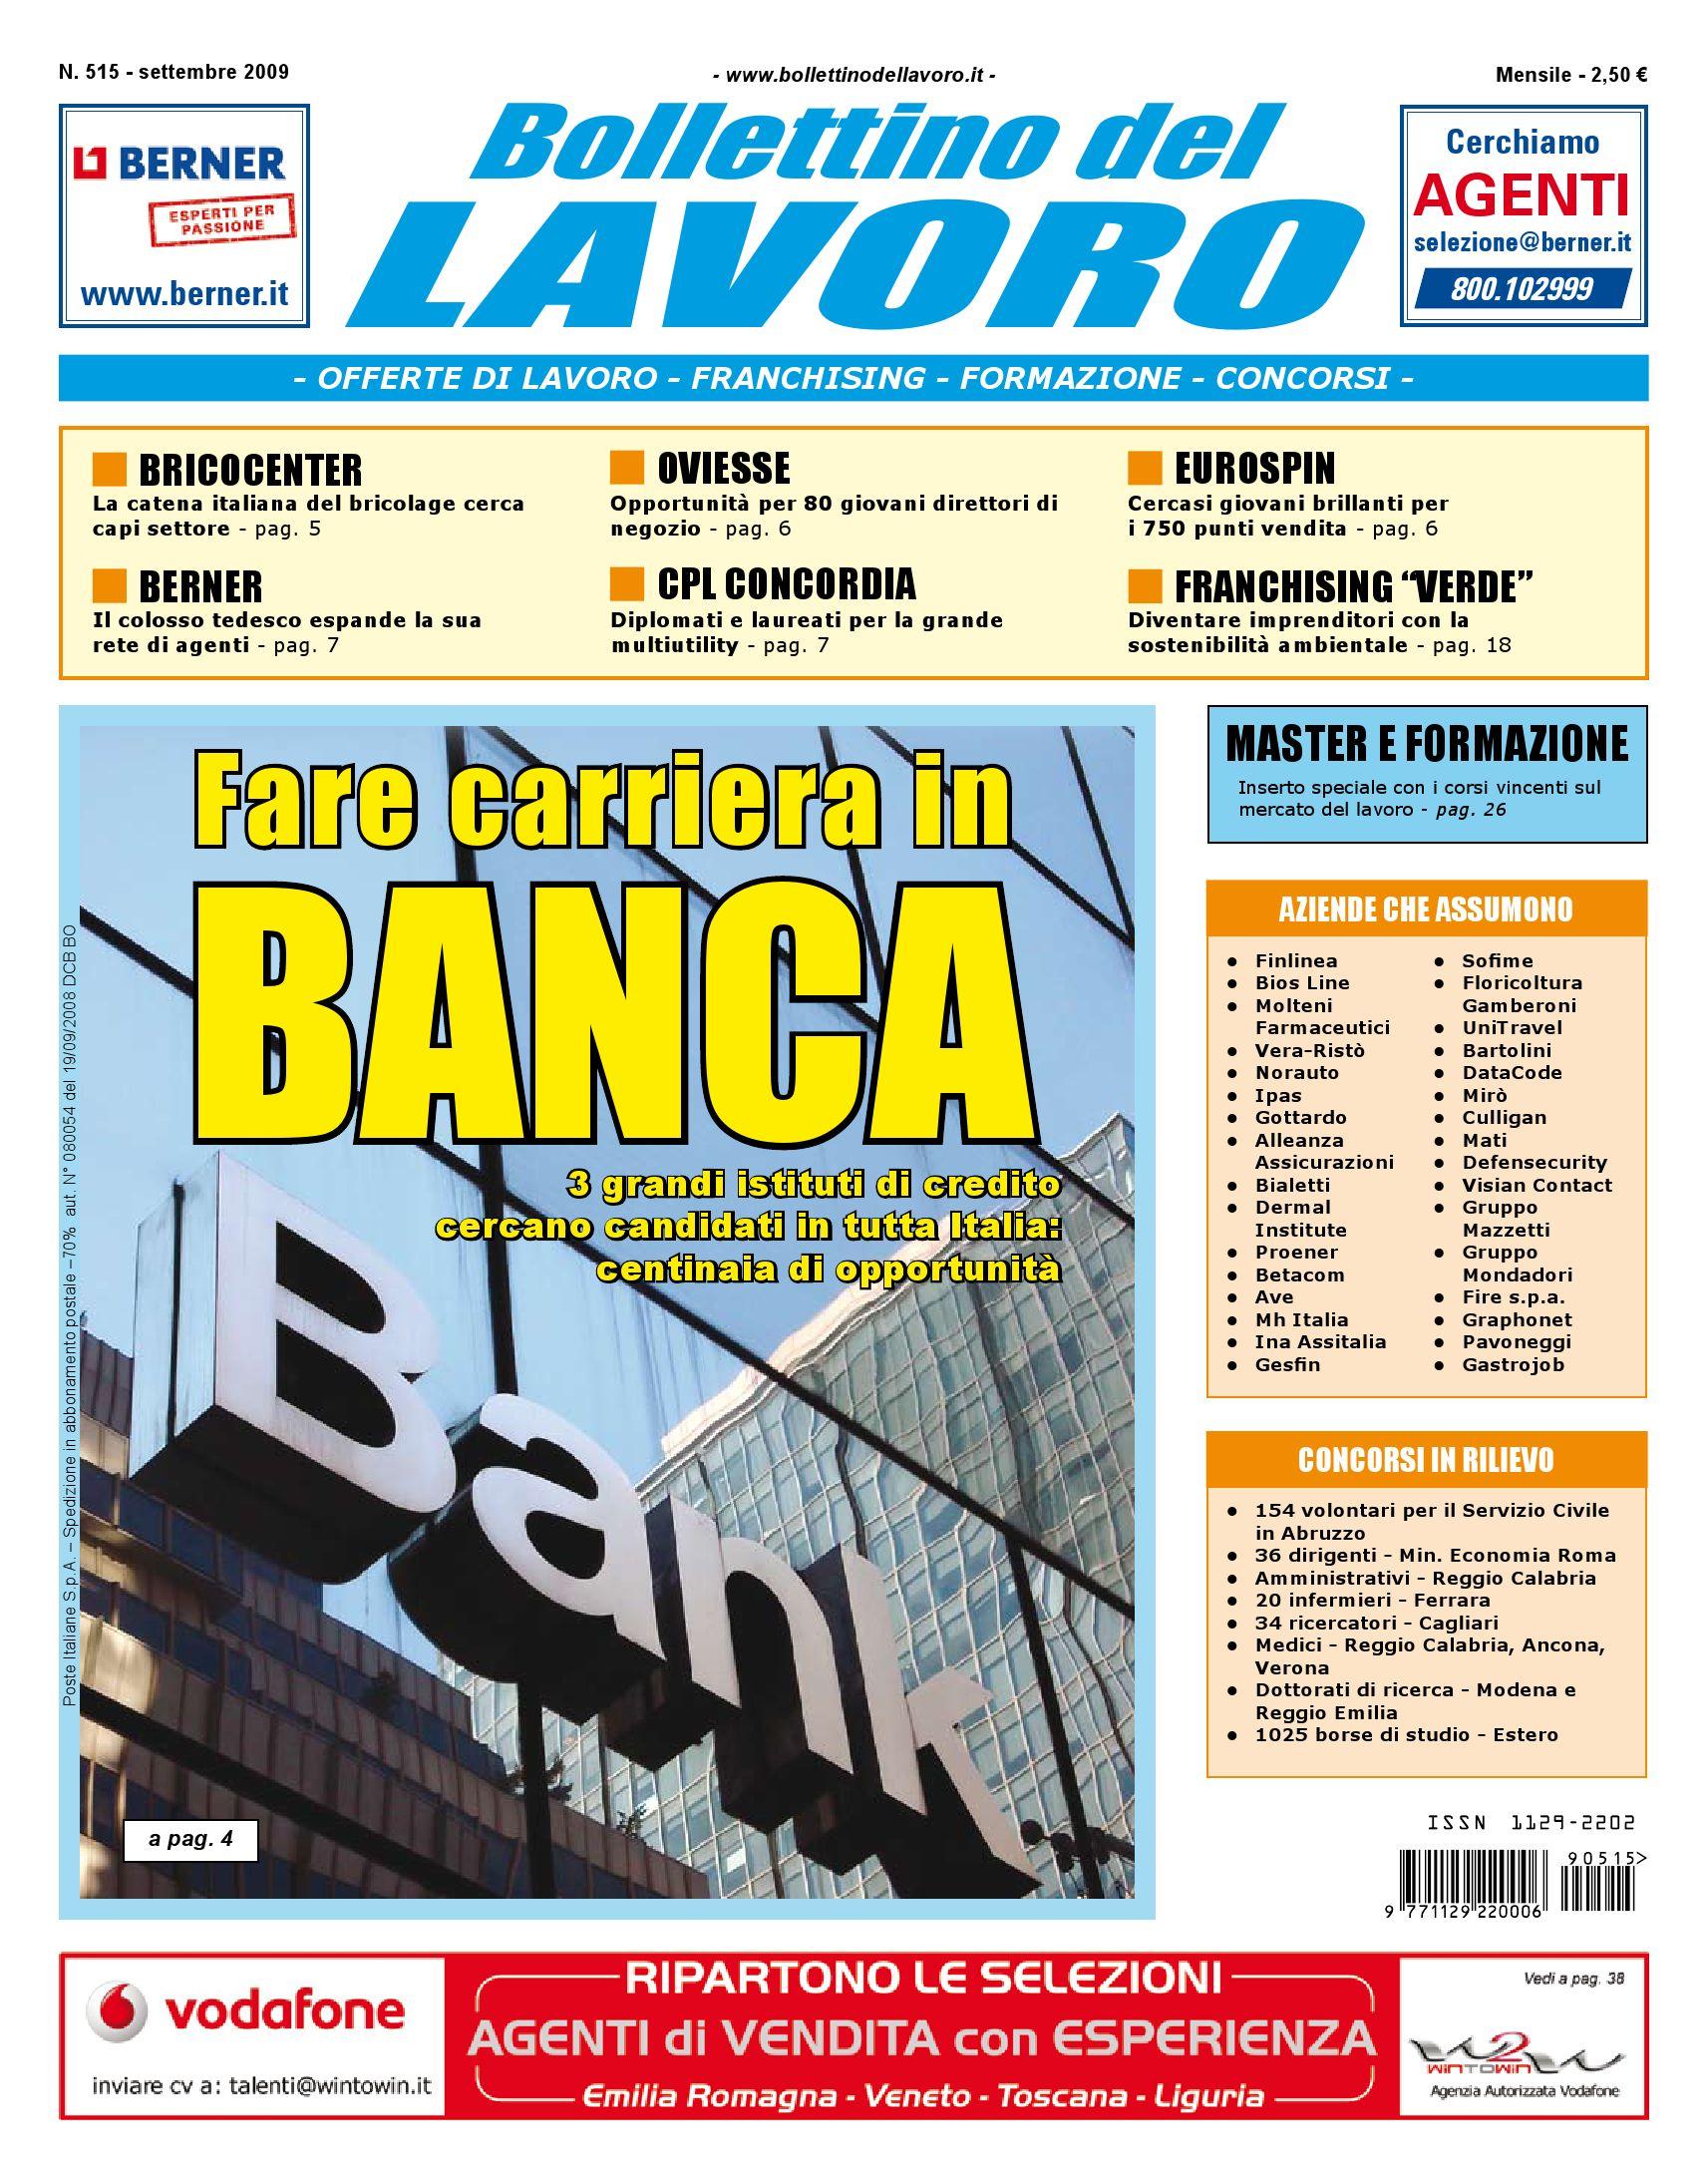 Bolllettino del Lavoro by Bollettino del Lavoro - issuu 839e137da85